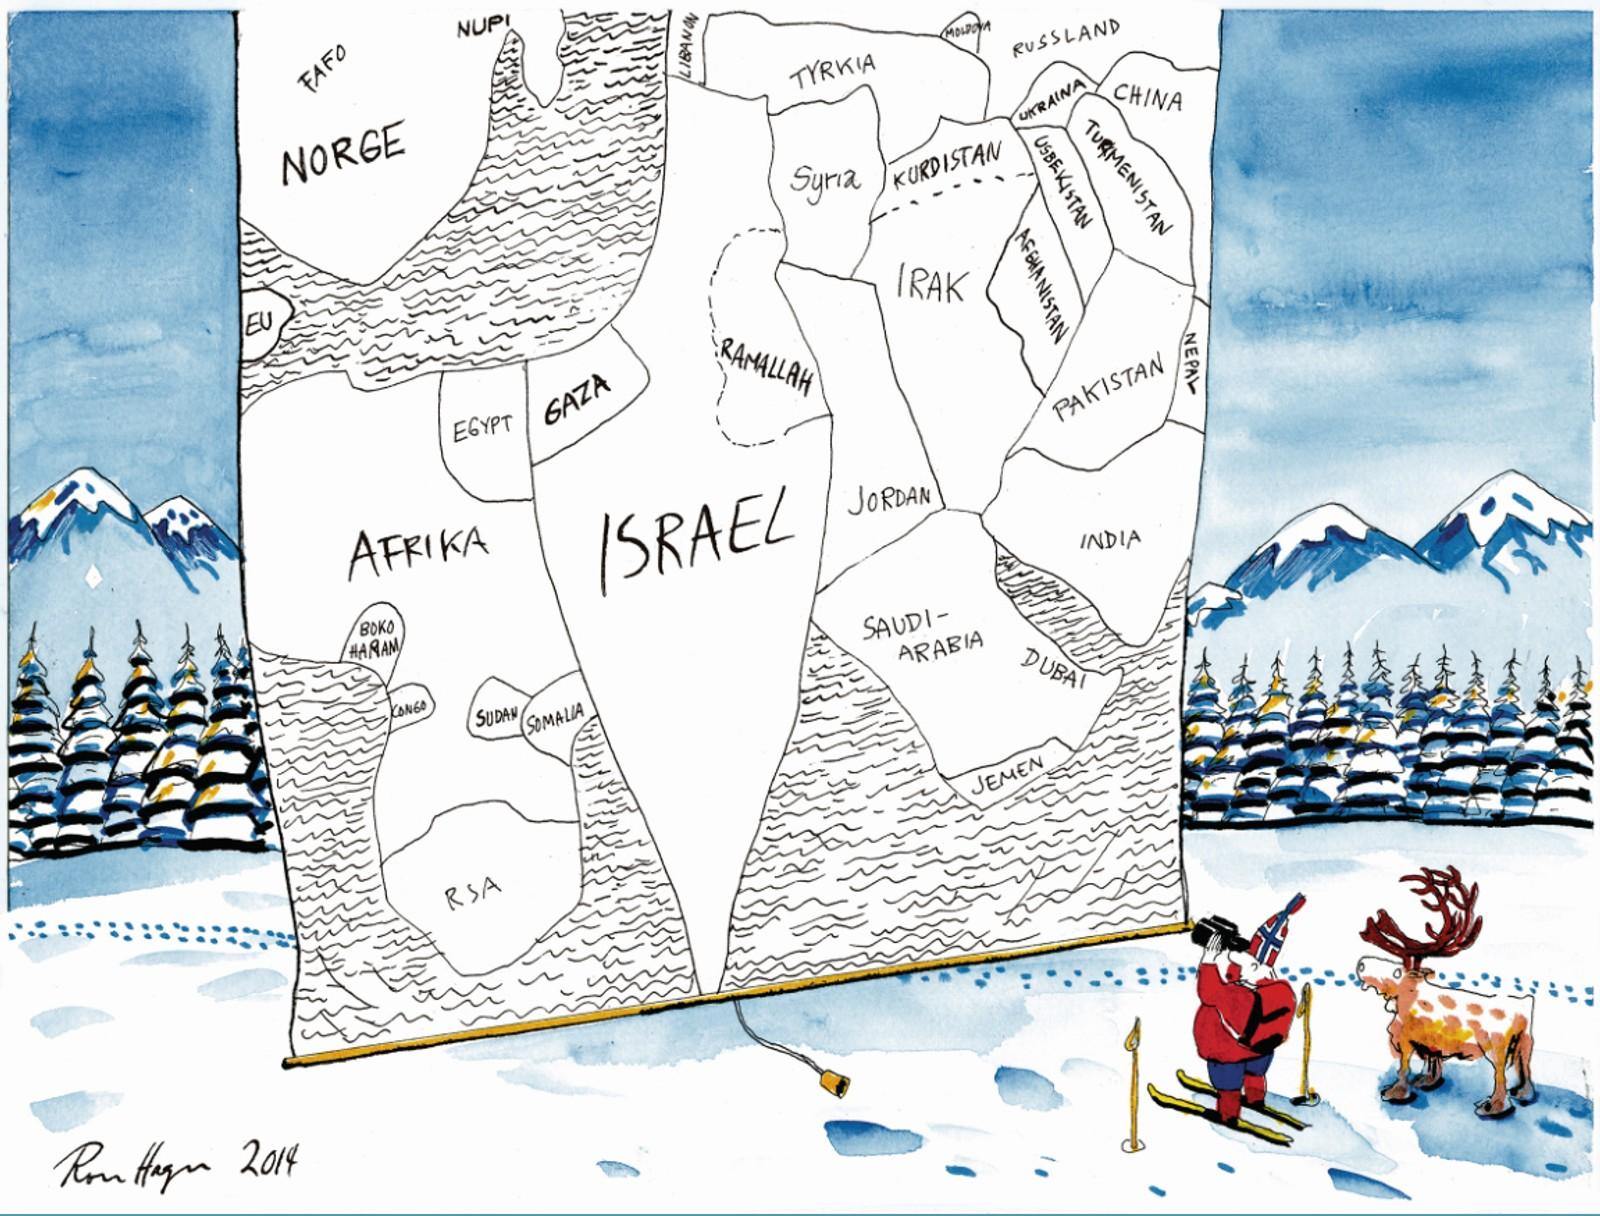 «Yasir Arafat og palestinernes situasjon har fått Norge til å grave dypt i lommene for å hjelpe. Konflikten mellom israelere og palestinere har også blitt en del av fortellingen om Norge.»